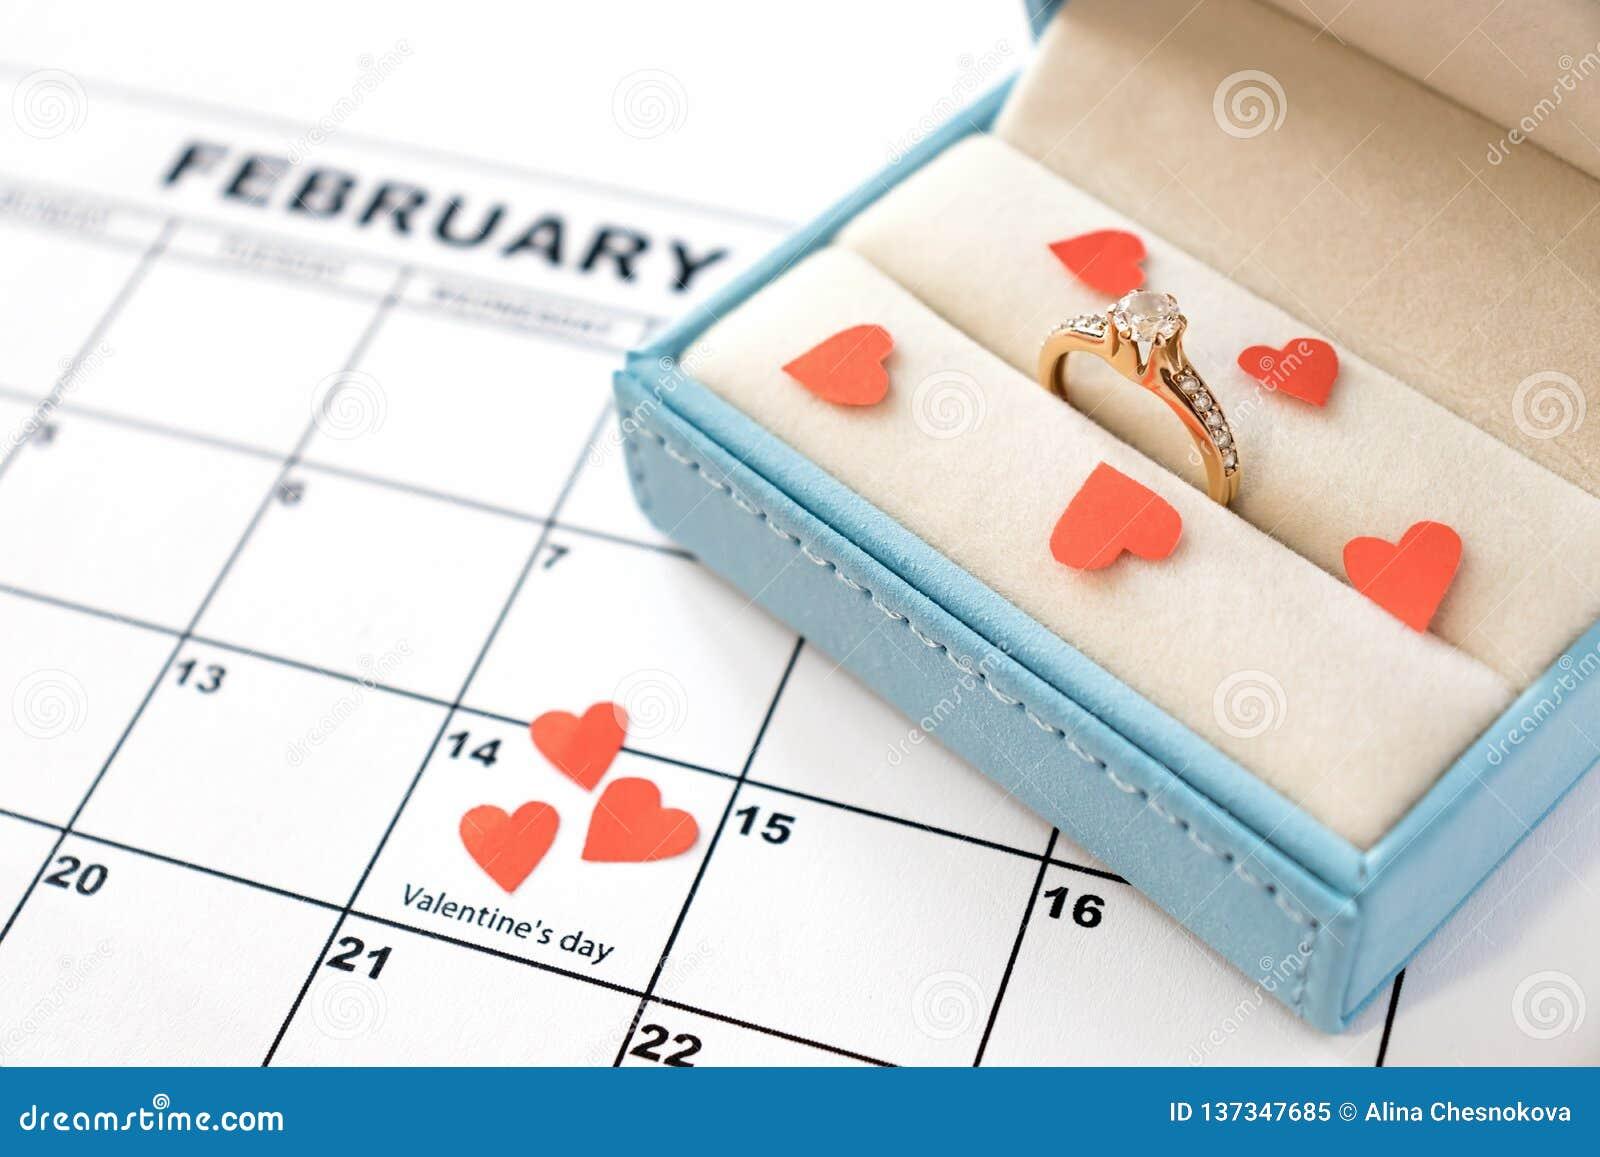 情人节,在日历的2月14日与红心和礼物盒